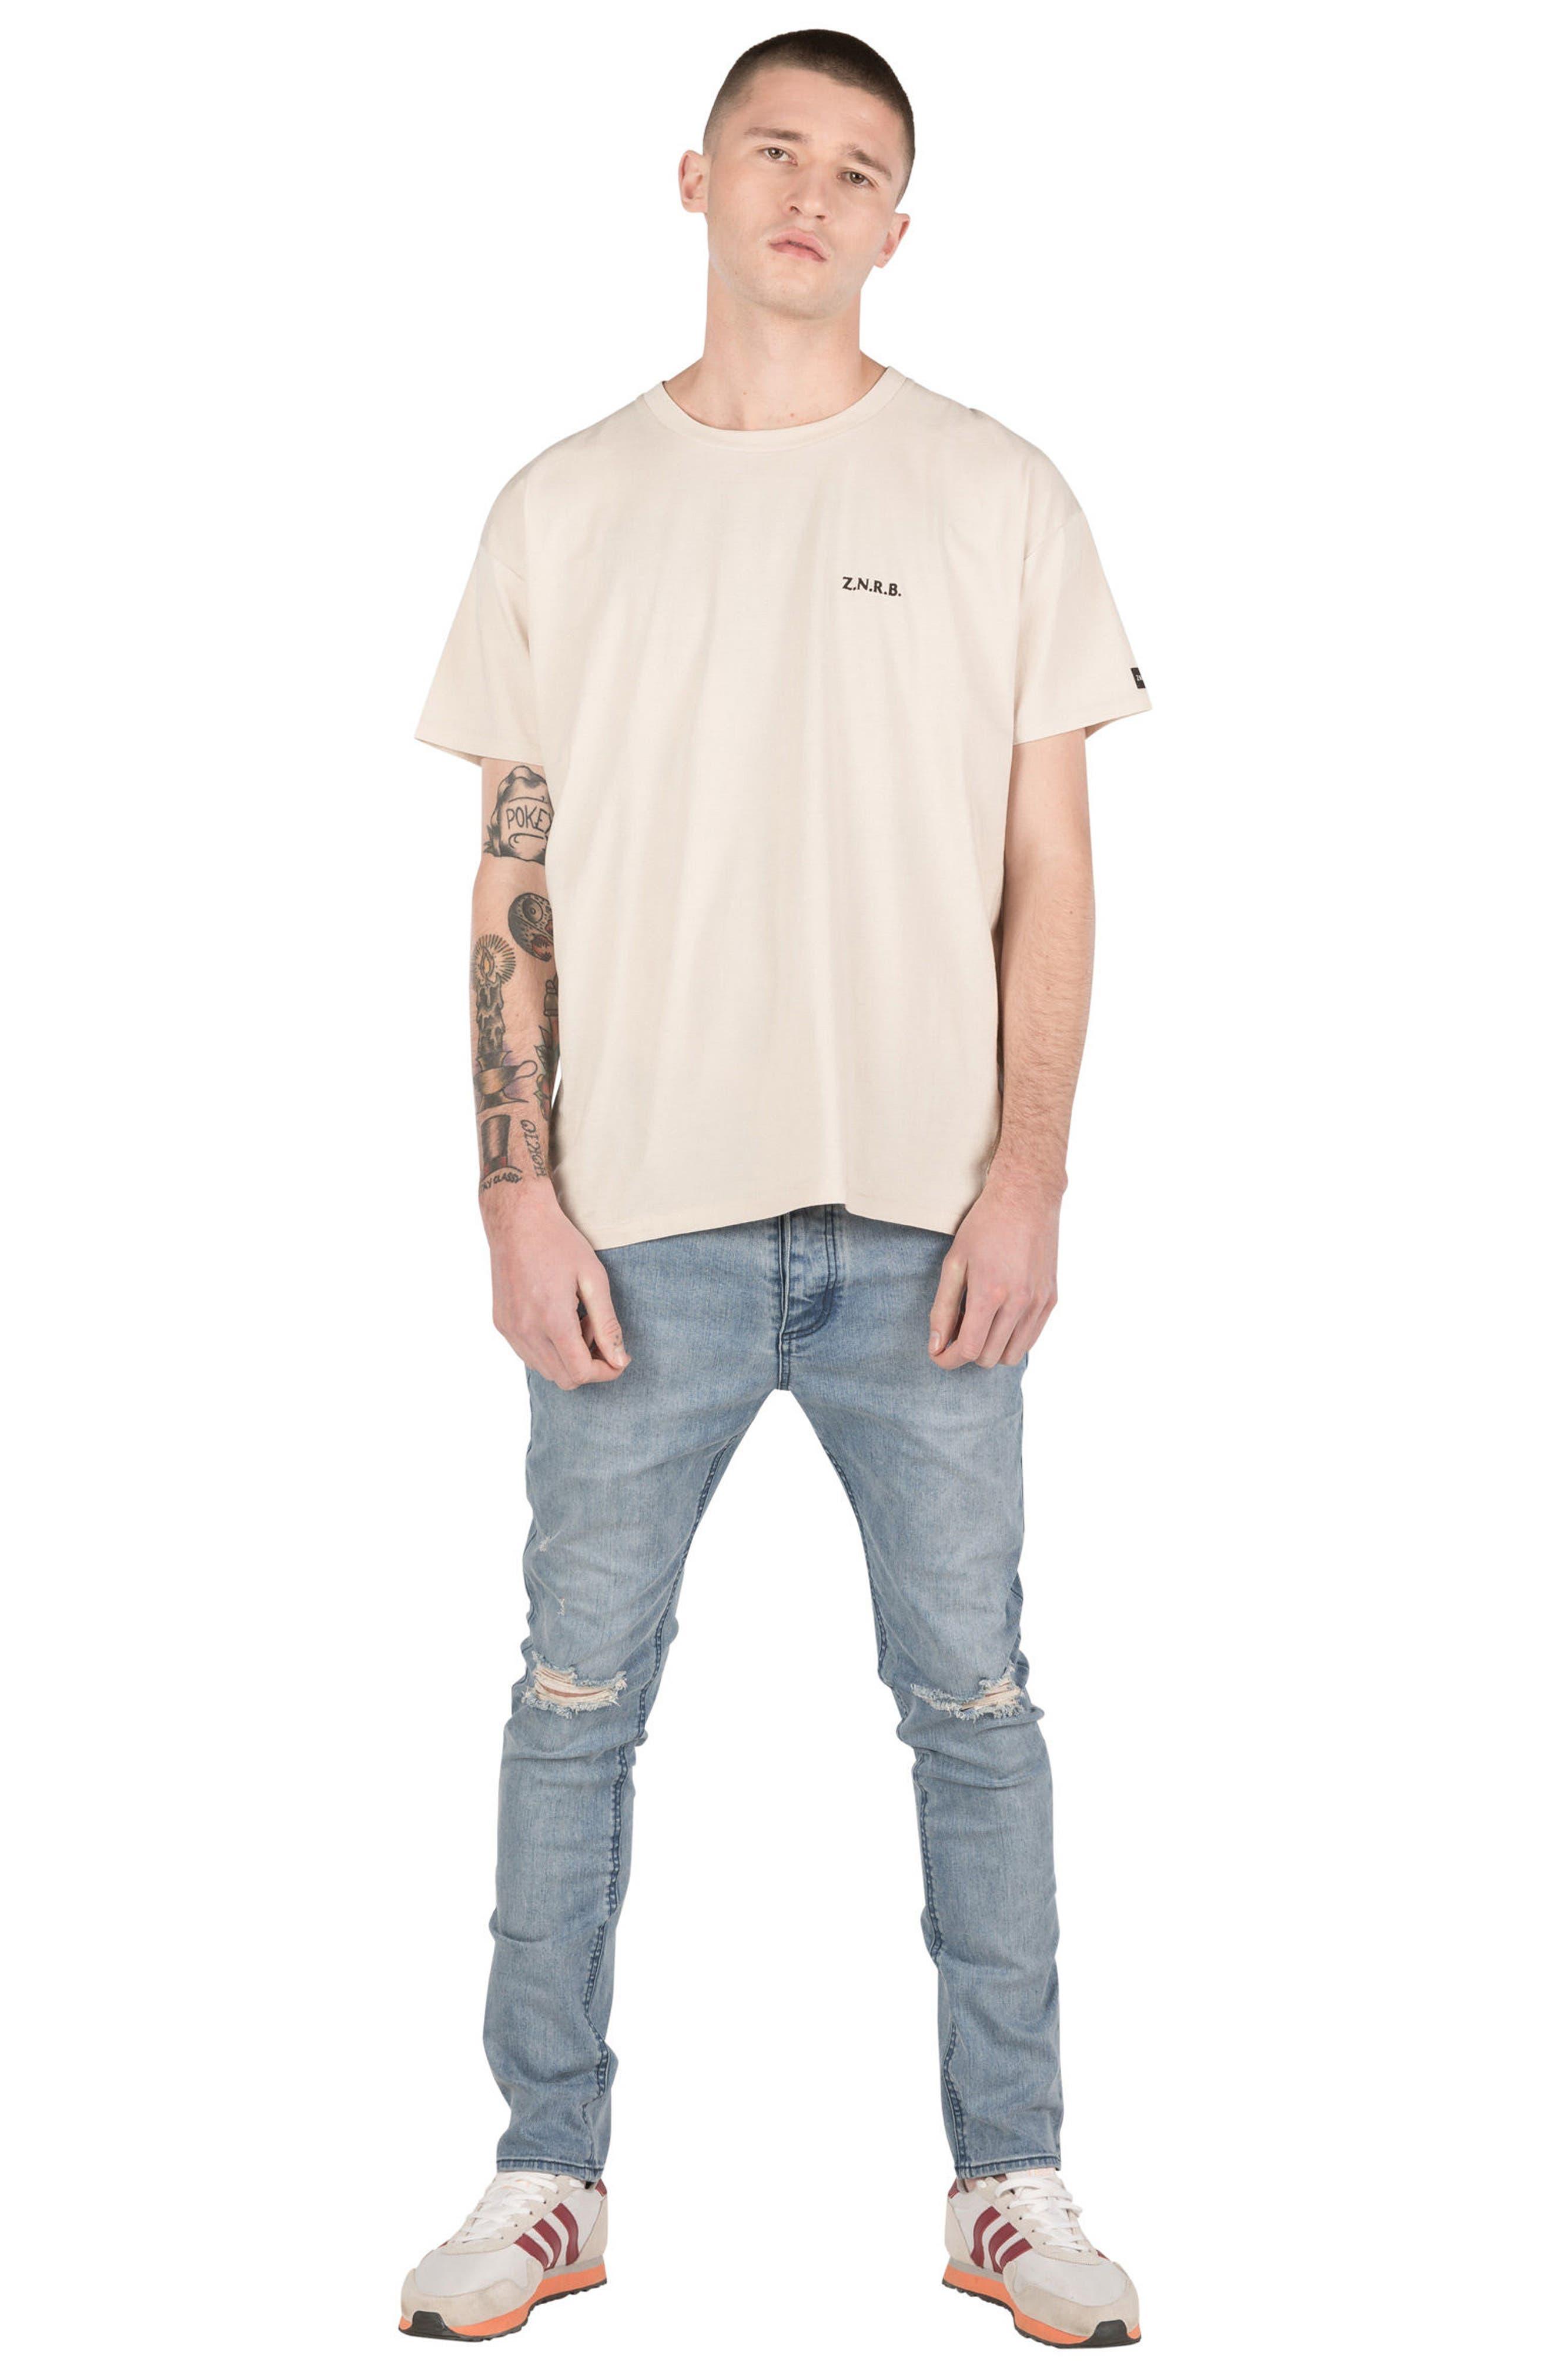 Joe Blow Destroyed Denim Jeans,                             Alternate thumbnail 4, color,                             420